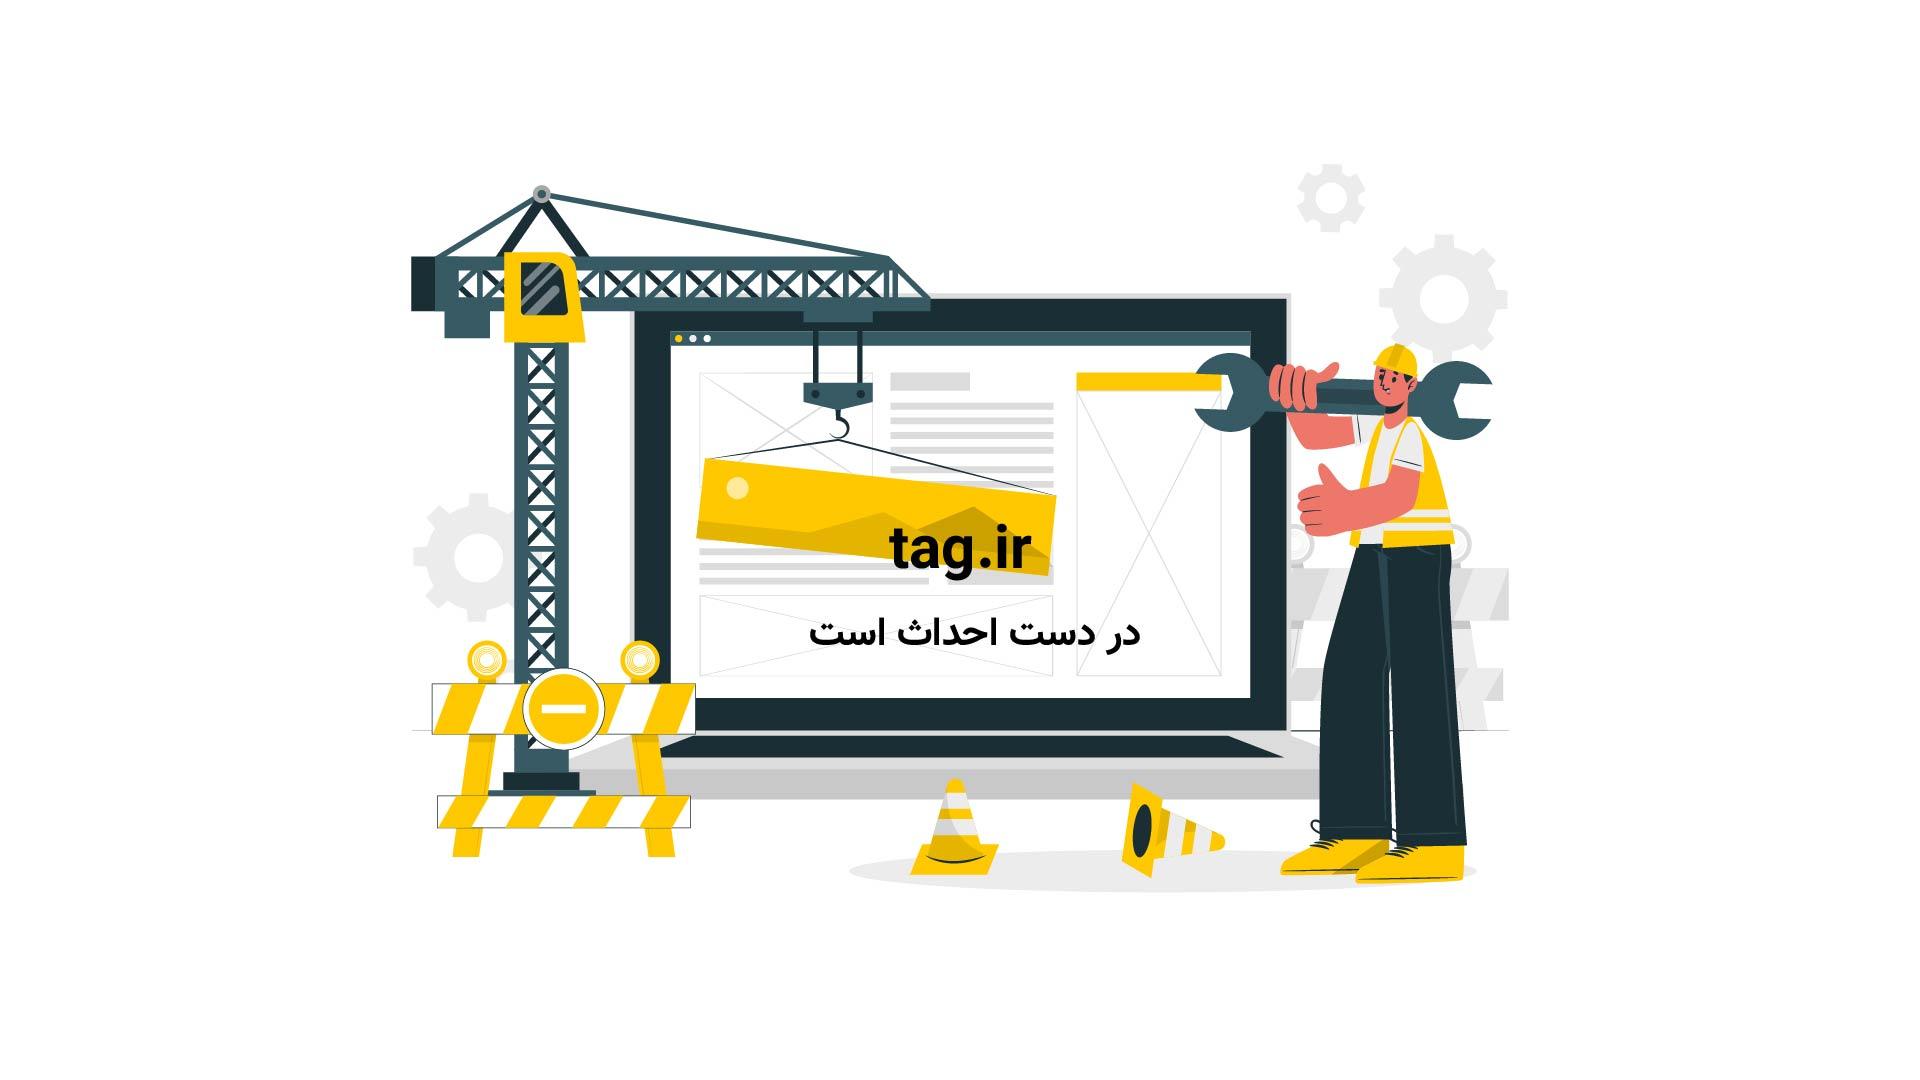 بارش شدید باران و وقوع سیل در شمال کشور   فیلم